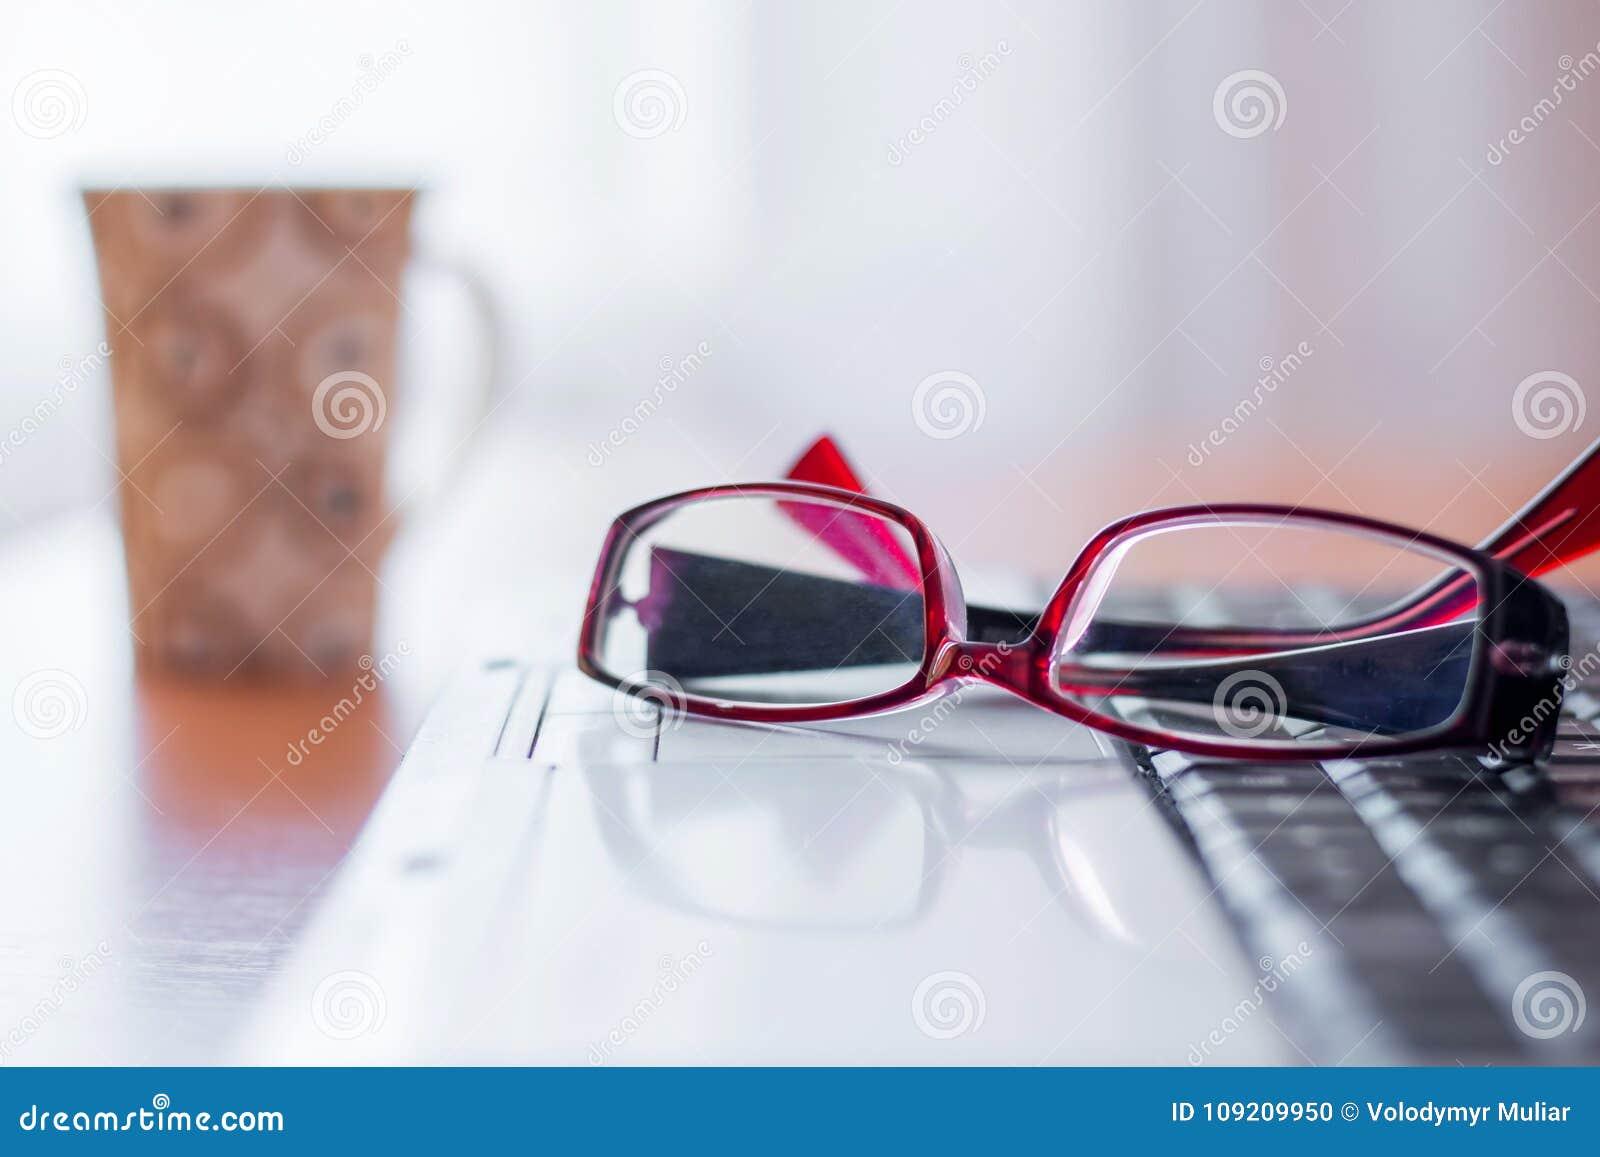 Sui vetri di bugia del computer portatile, ulteriori sulla tavola è una tazza, in